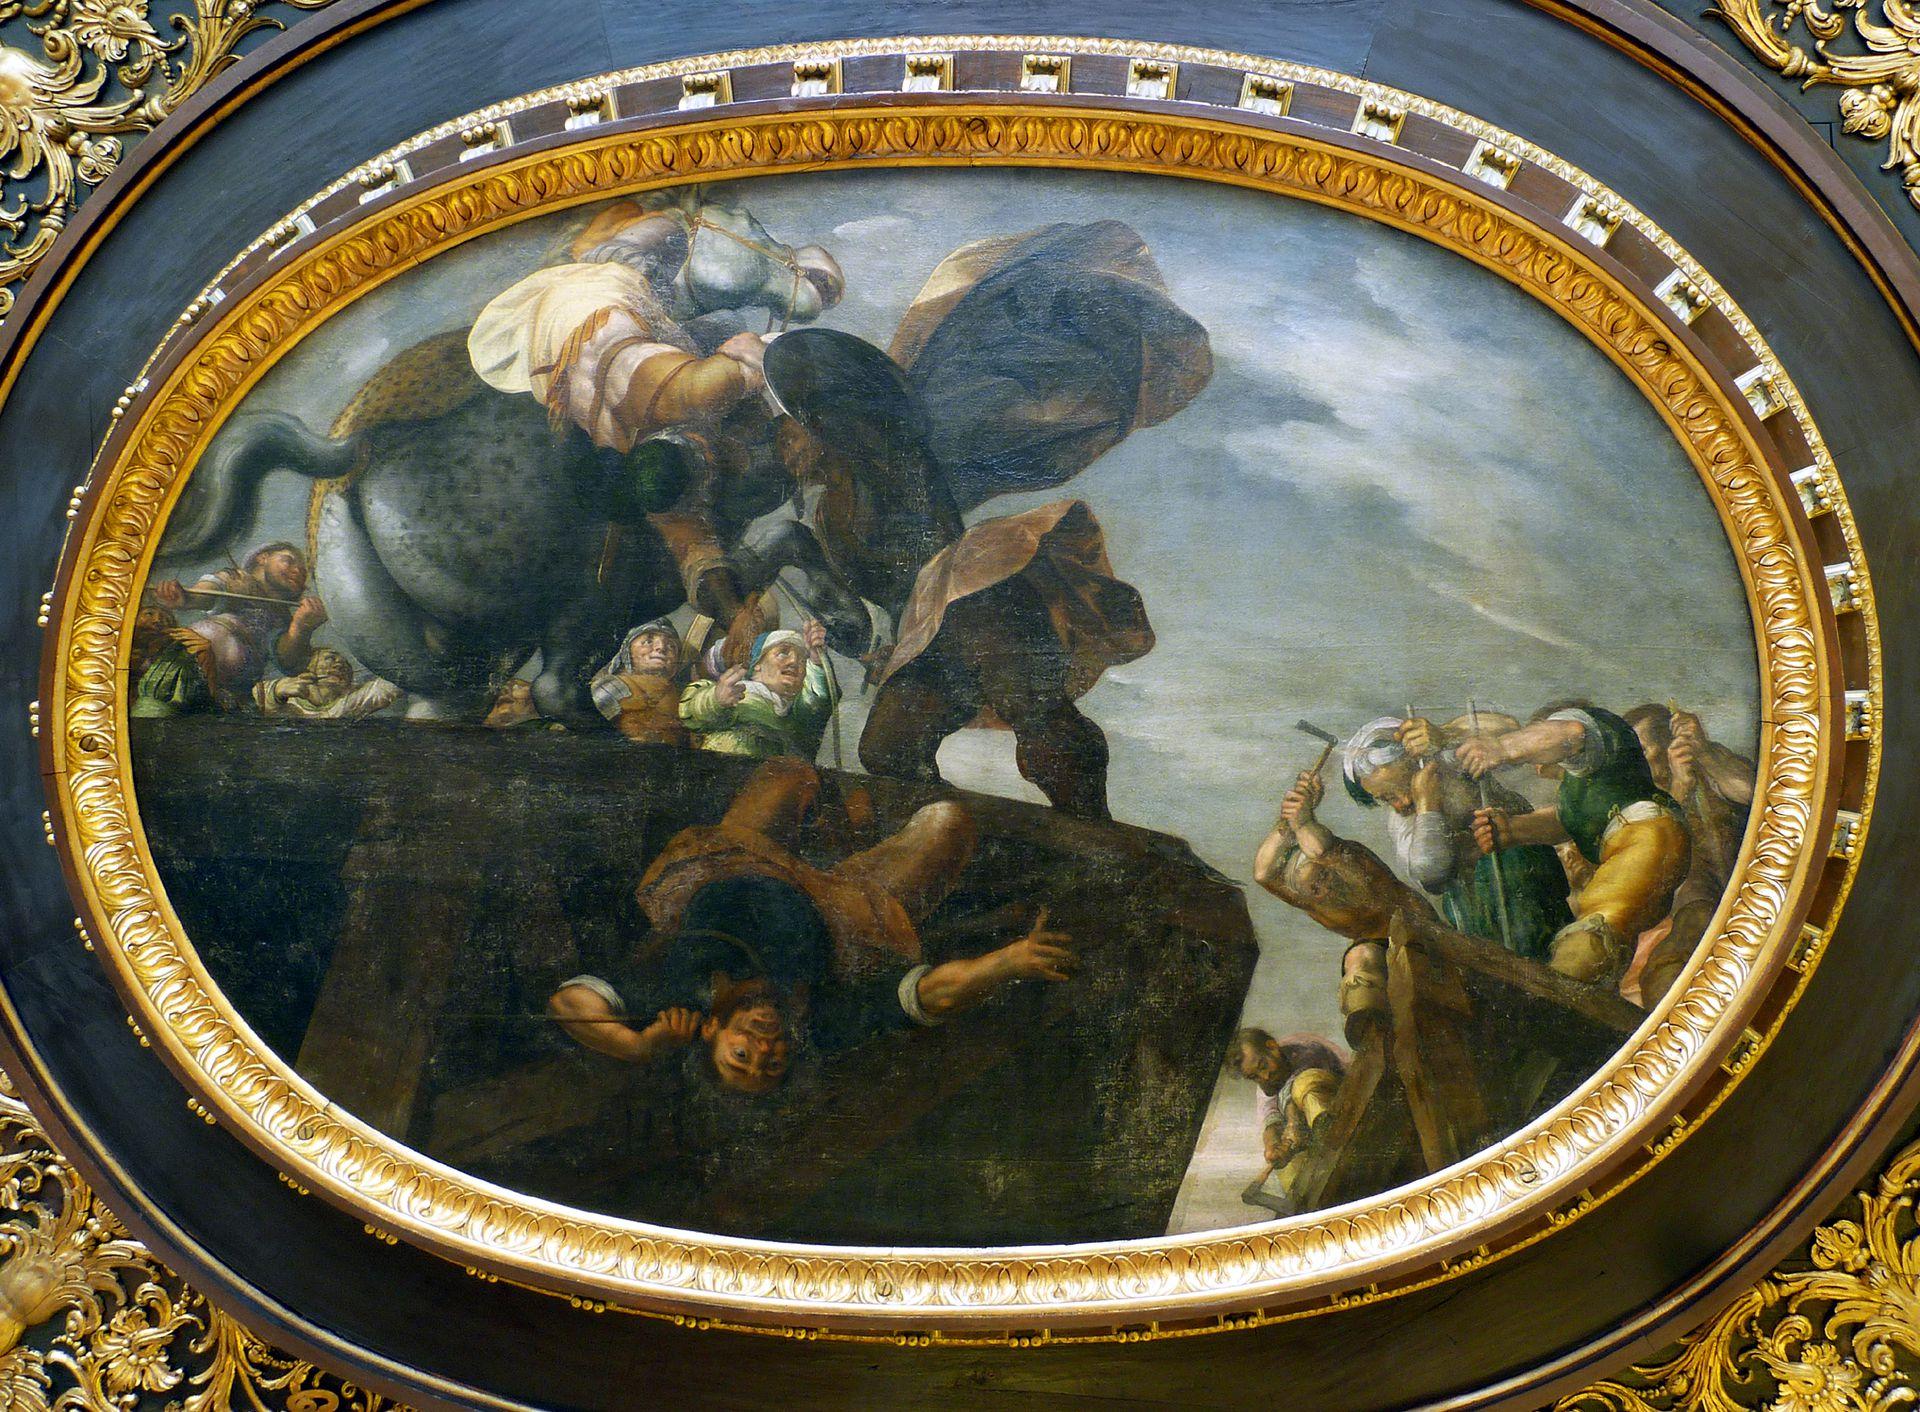 Deckengemälde im Kleinen Rathaussaal Abbruch der Tiberbrücke durch Horatius Cocles